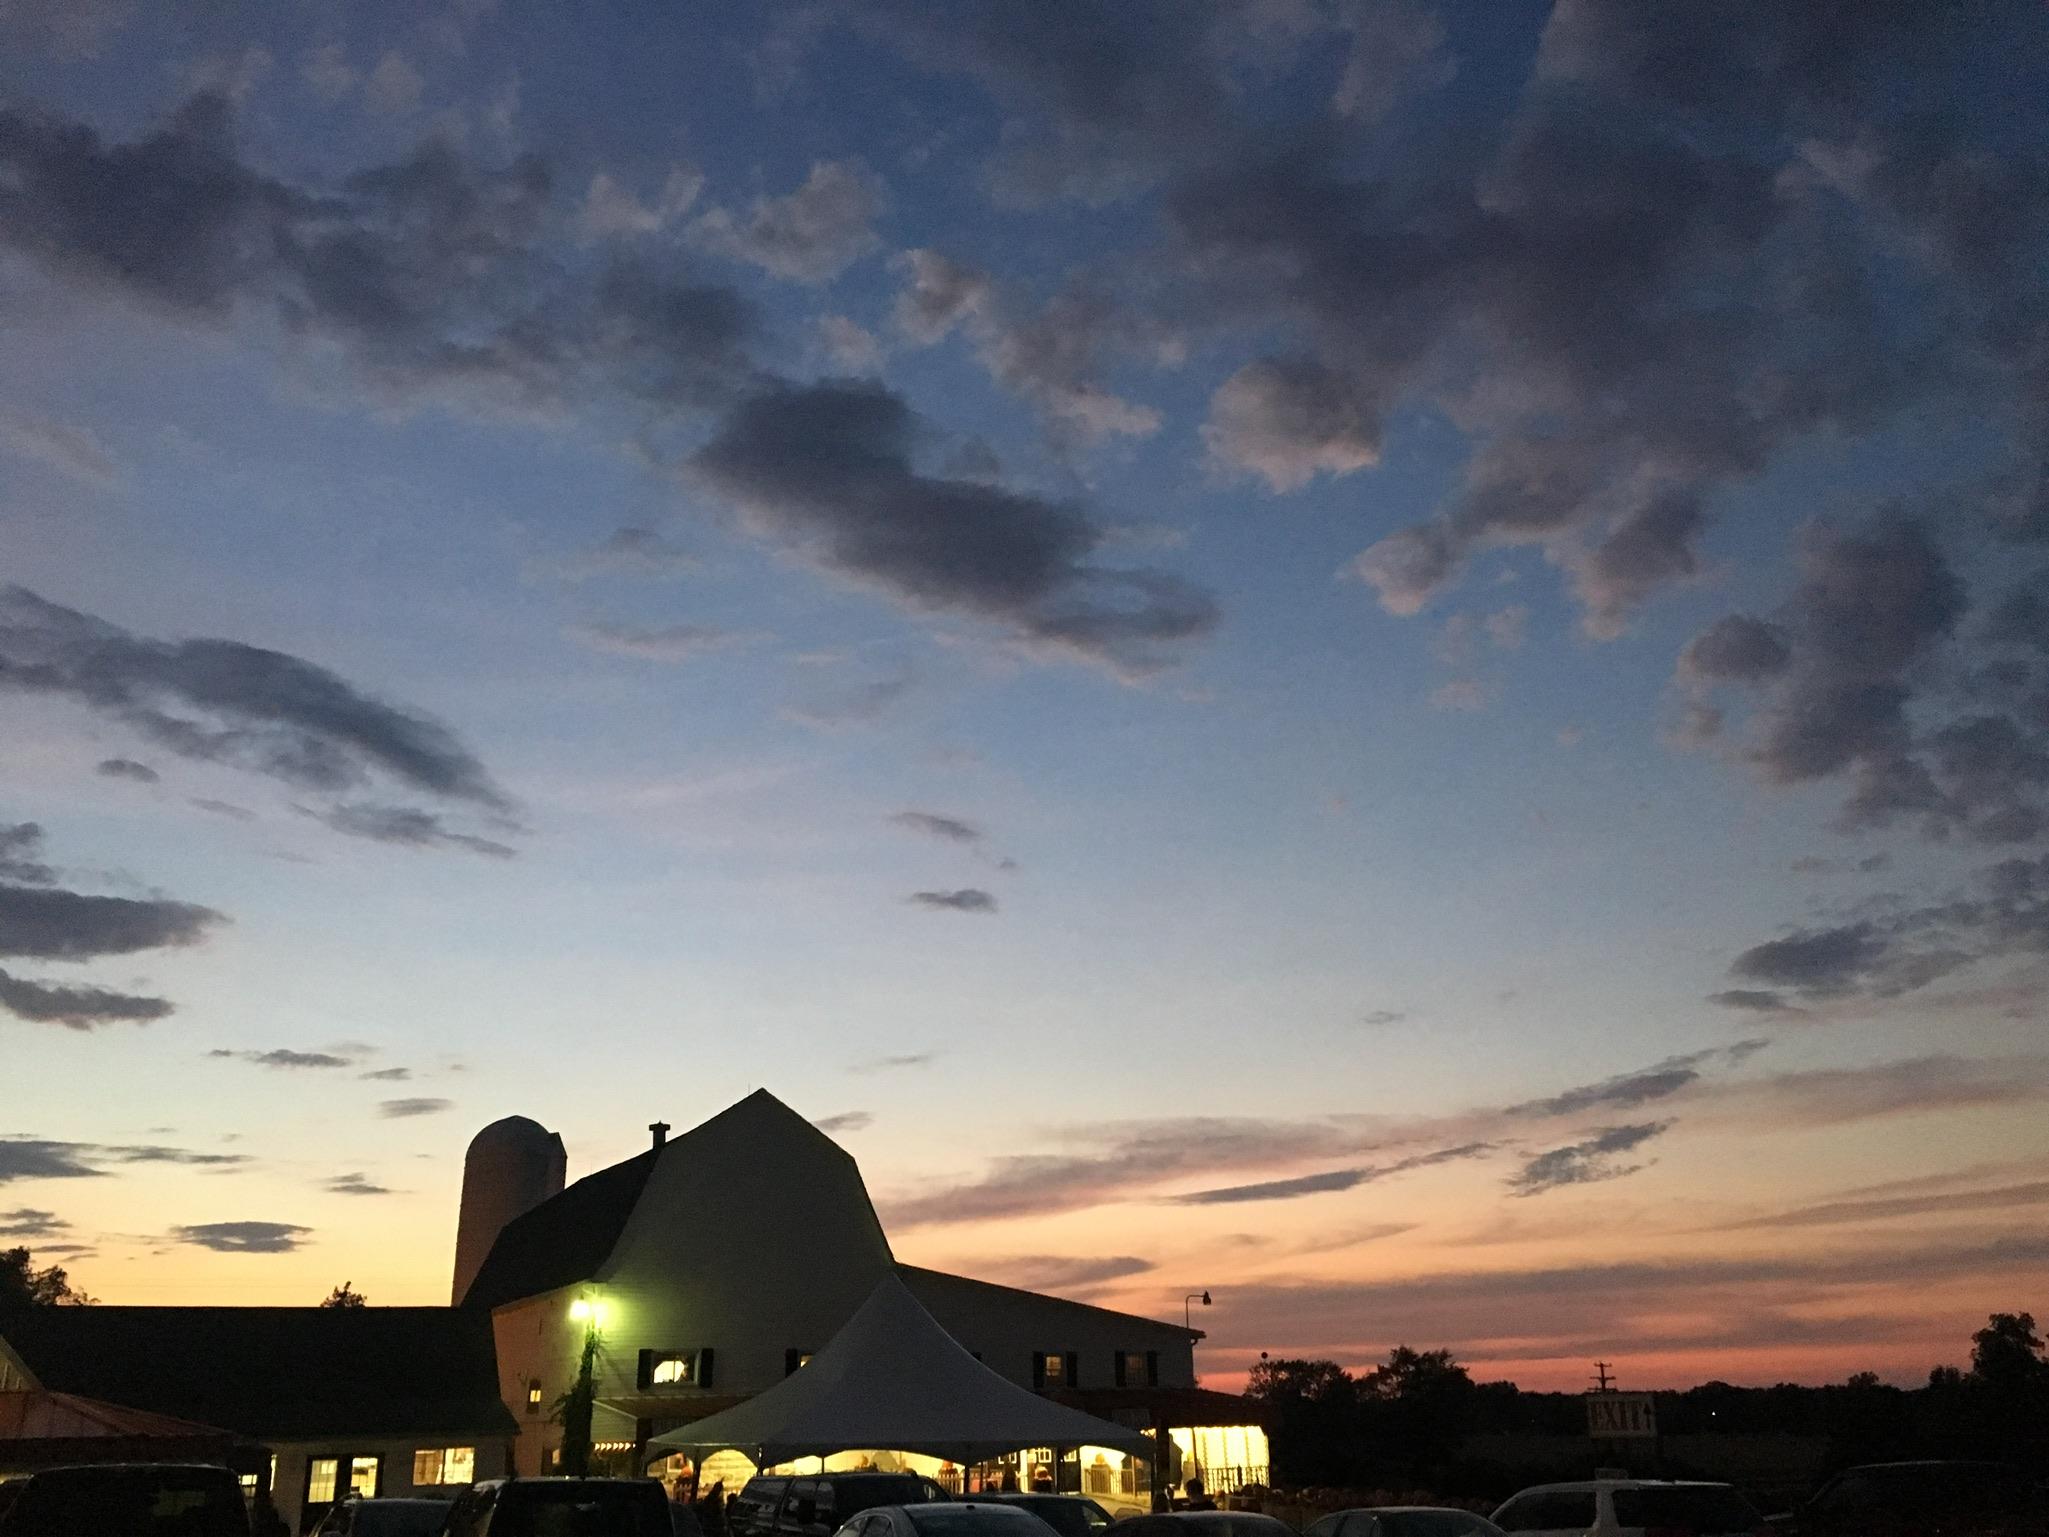 Uncle John's Barn At Night